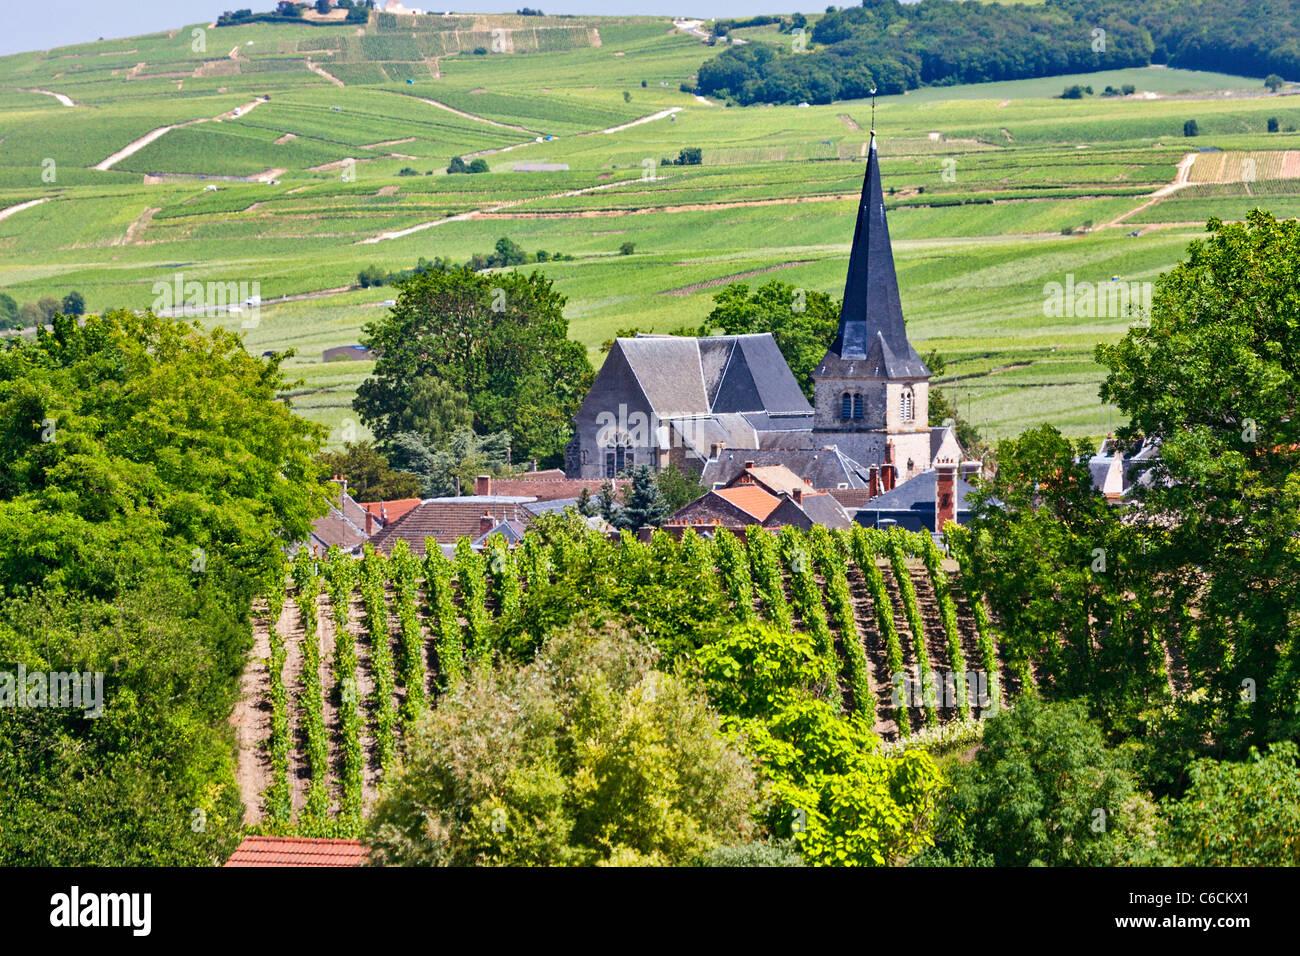 Francia, Marne, Rilly la Montagne, un villaggio vicino a Reims associato con lo champagne vino Immagini Stock